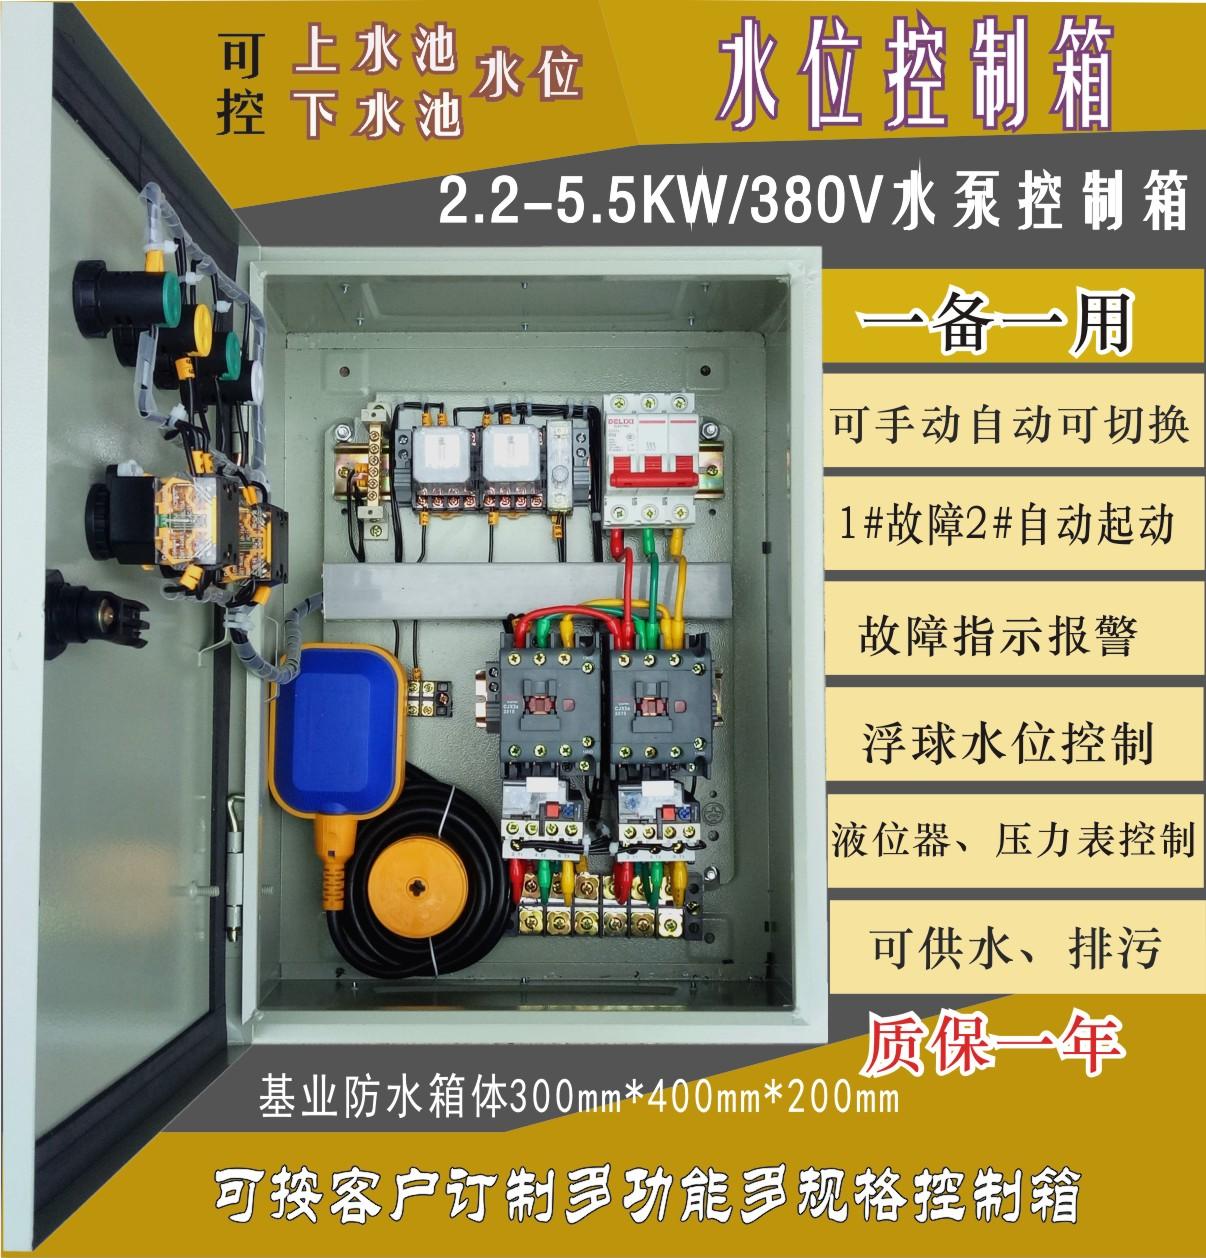 Один оборудование один потребление воды насос контроль коробка поплавок мяч жидкость позиция контроль 2.2-7.5KW двигатель контроль коробка